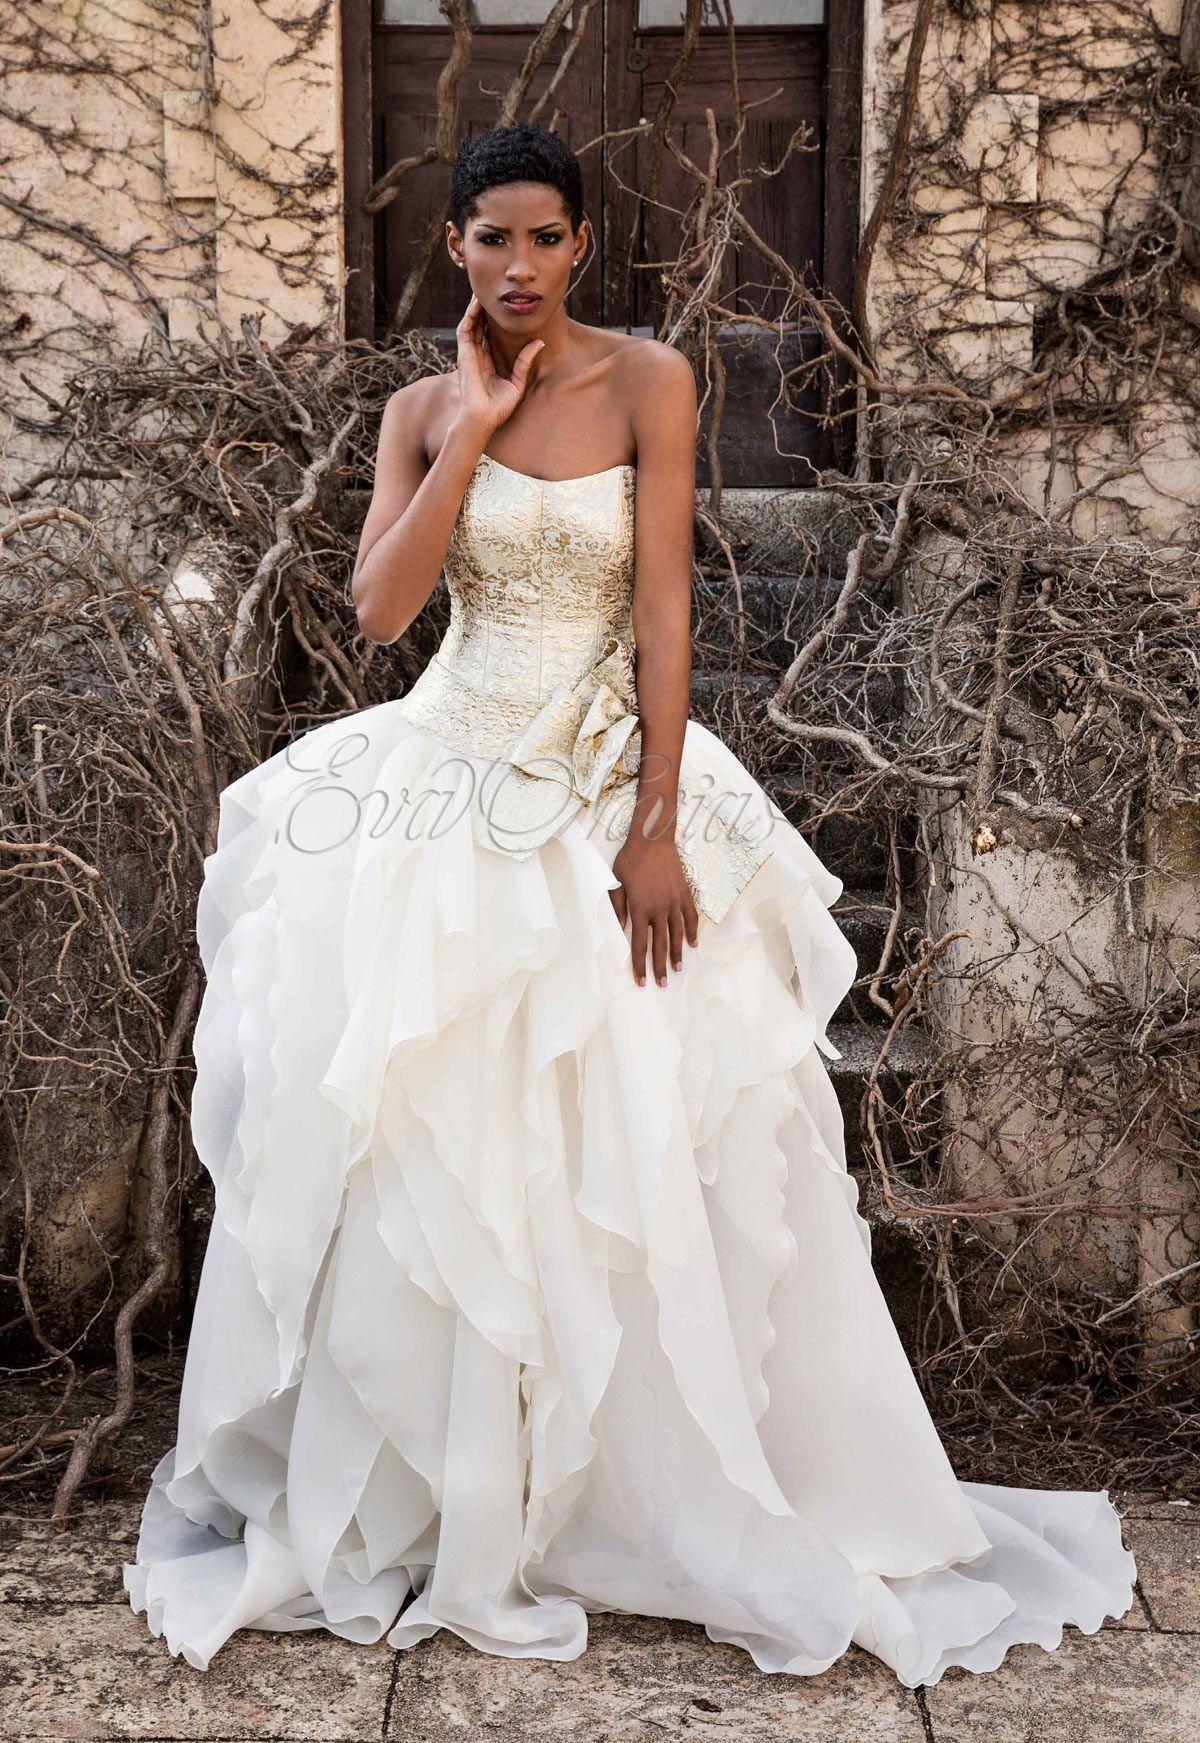 Vestido de novia Jordi Dalmau Modelo Kodigo   NOVIA   Pinterest ...